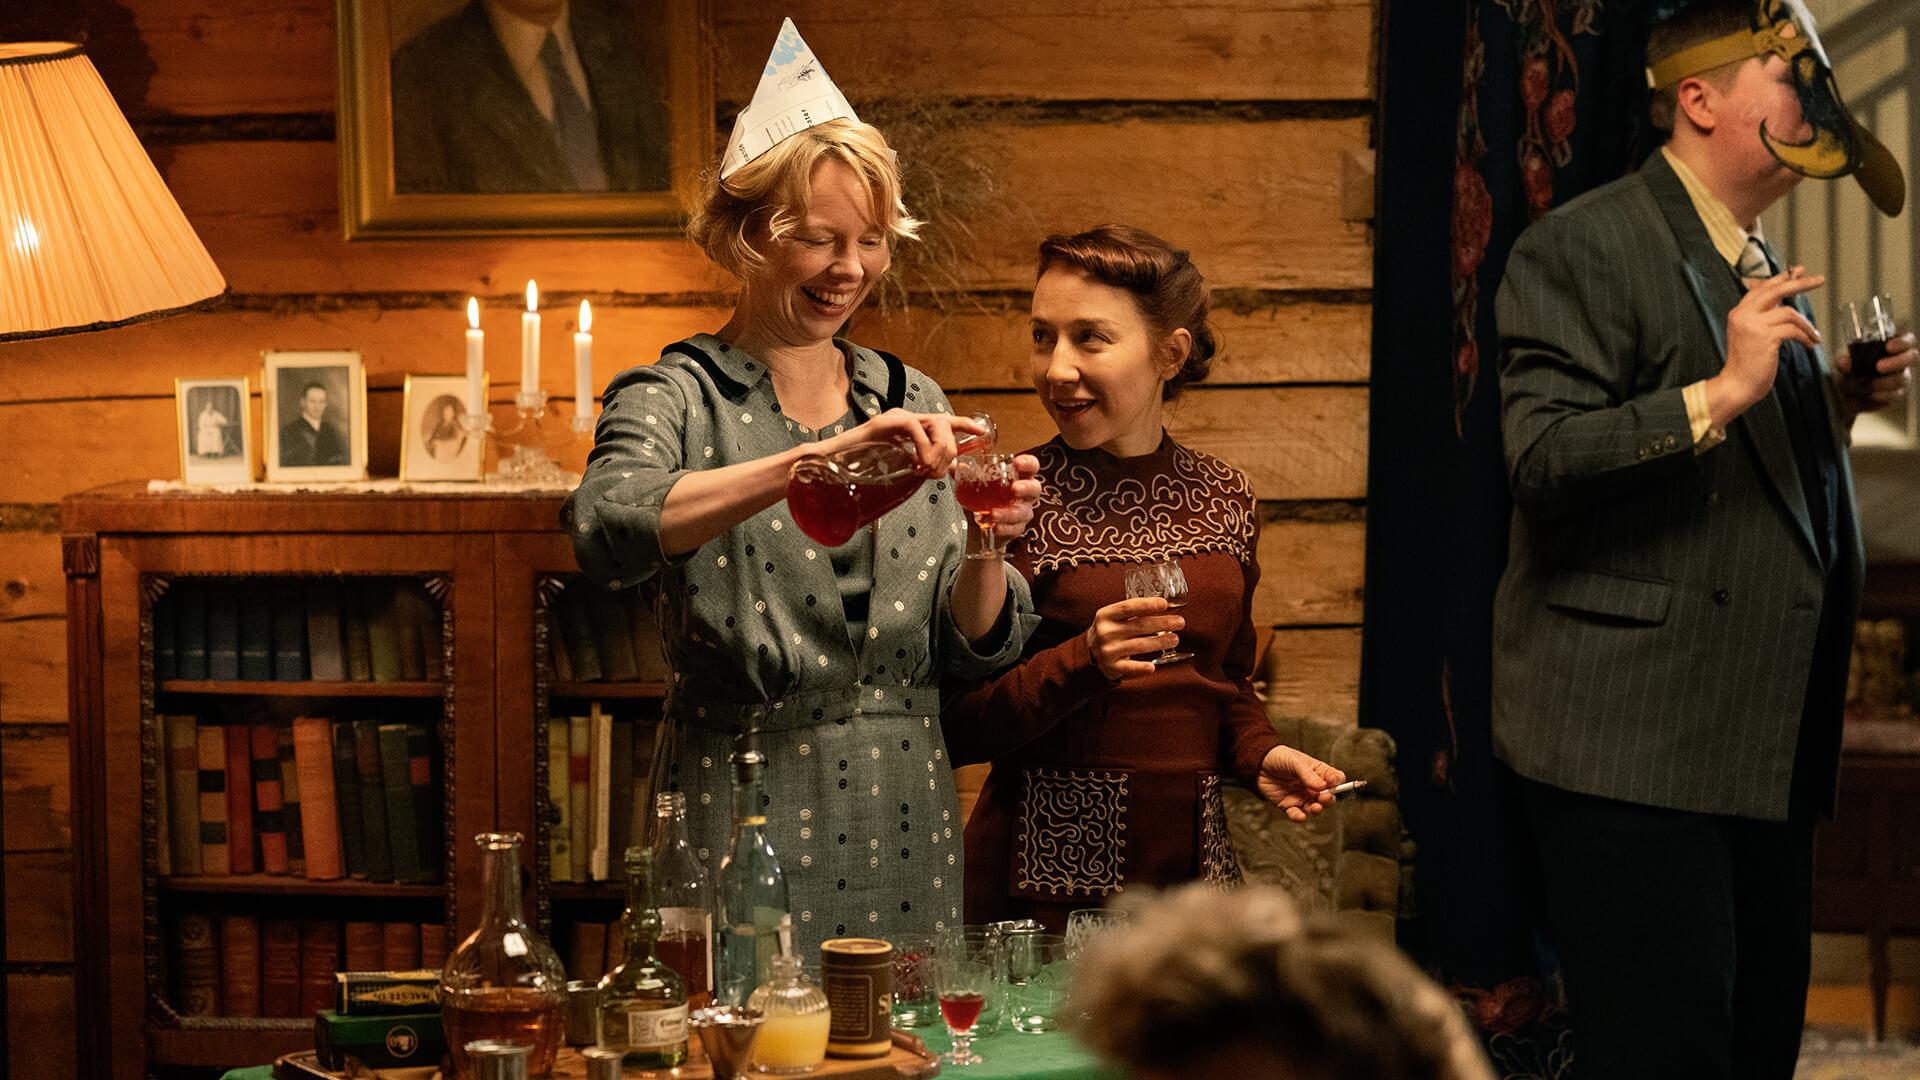 Zaida Bergrothin TOVE avasi viikonloppuna Ruotsissa maan toiseksi katsotuimpana elokuvana